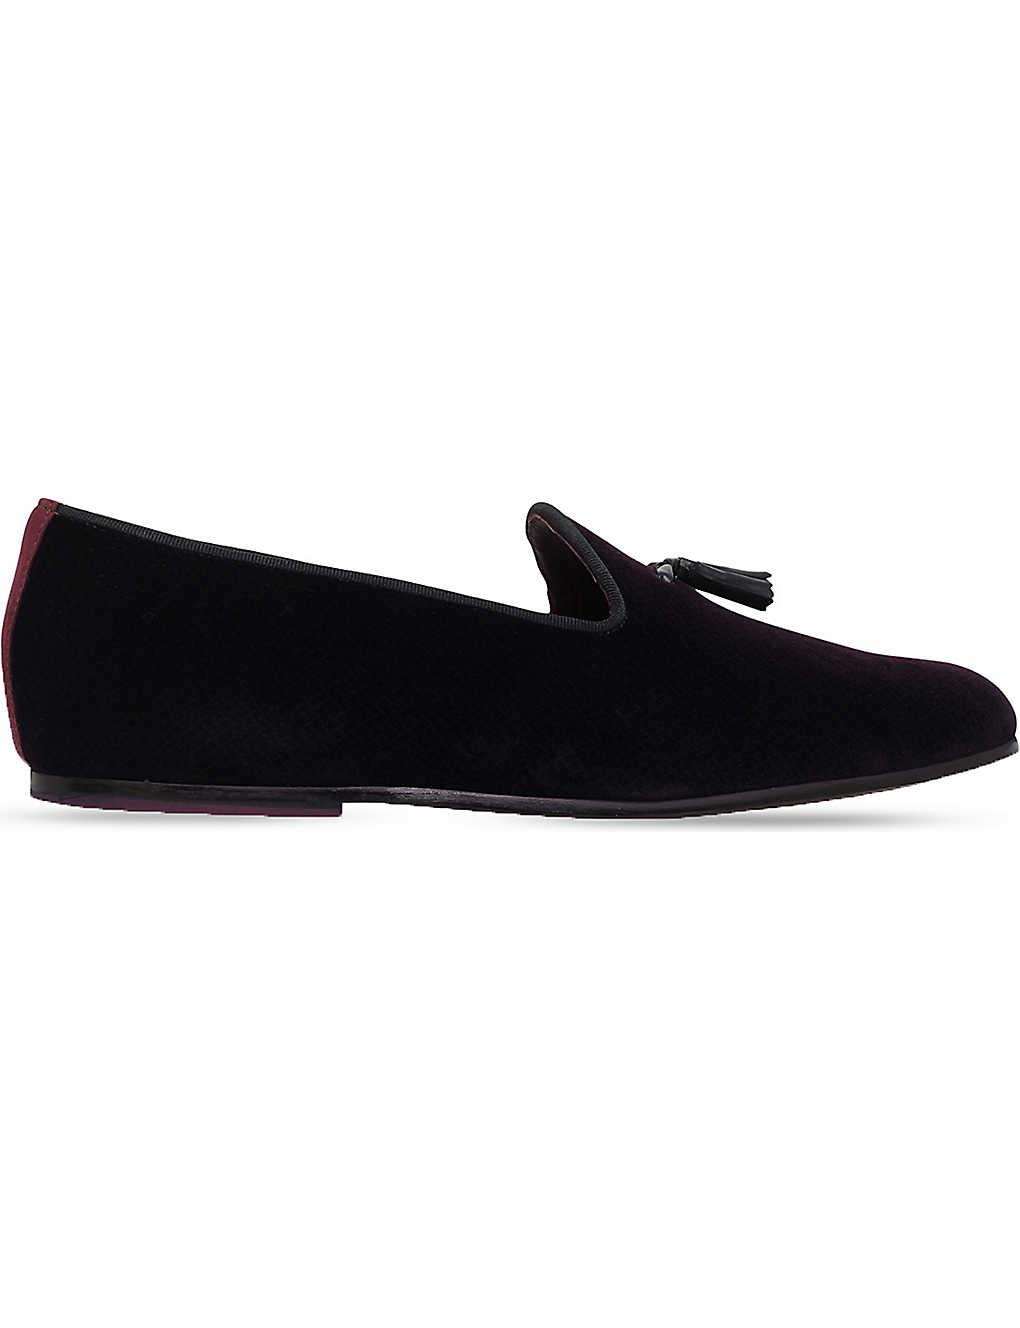 1f60819dd7e69 TED BAKER - Thrysa velvet loafers